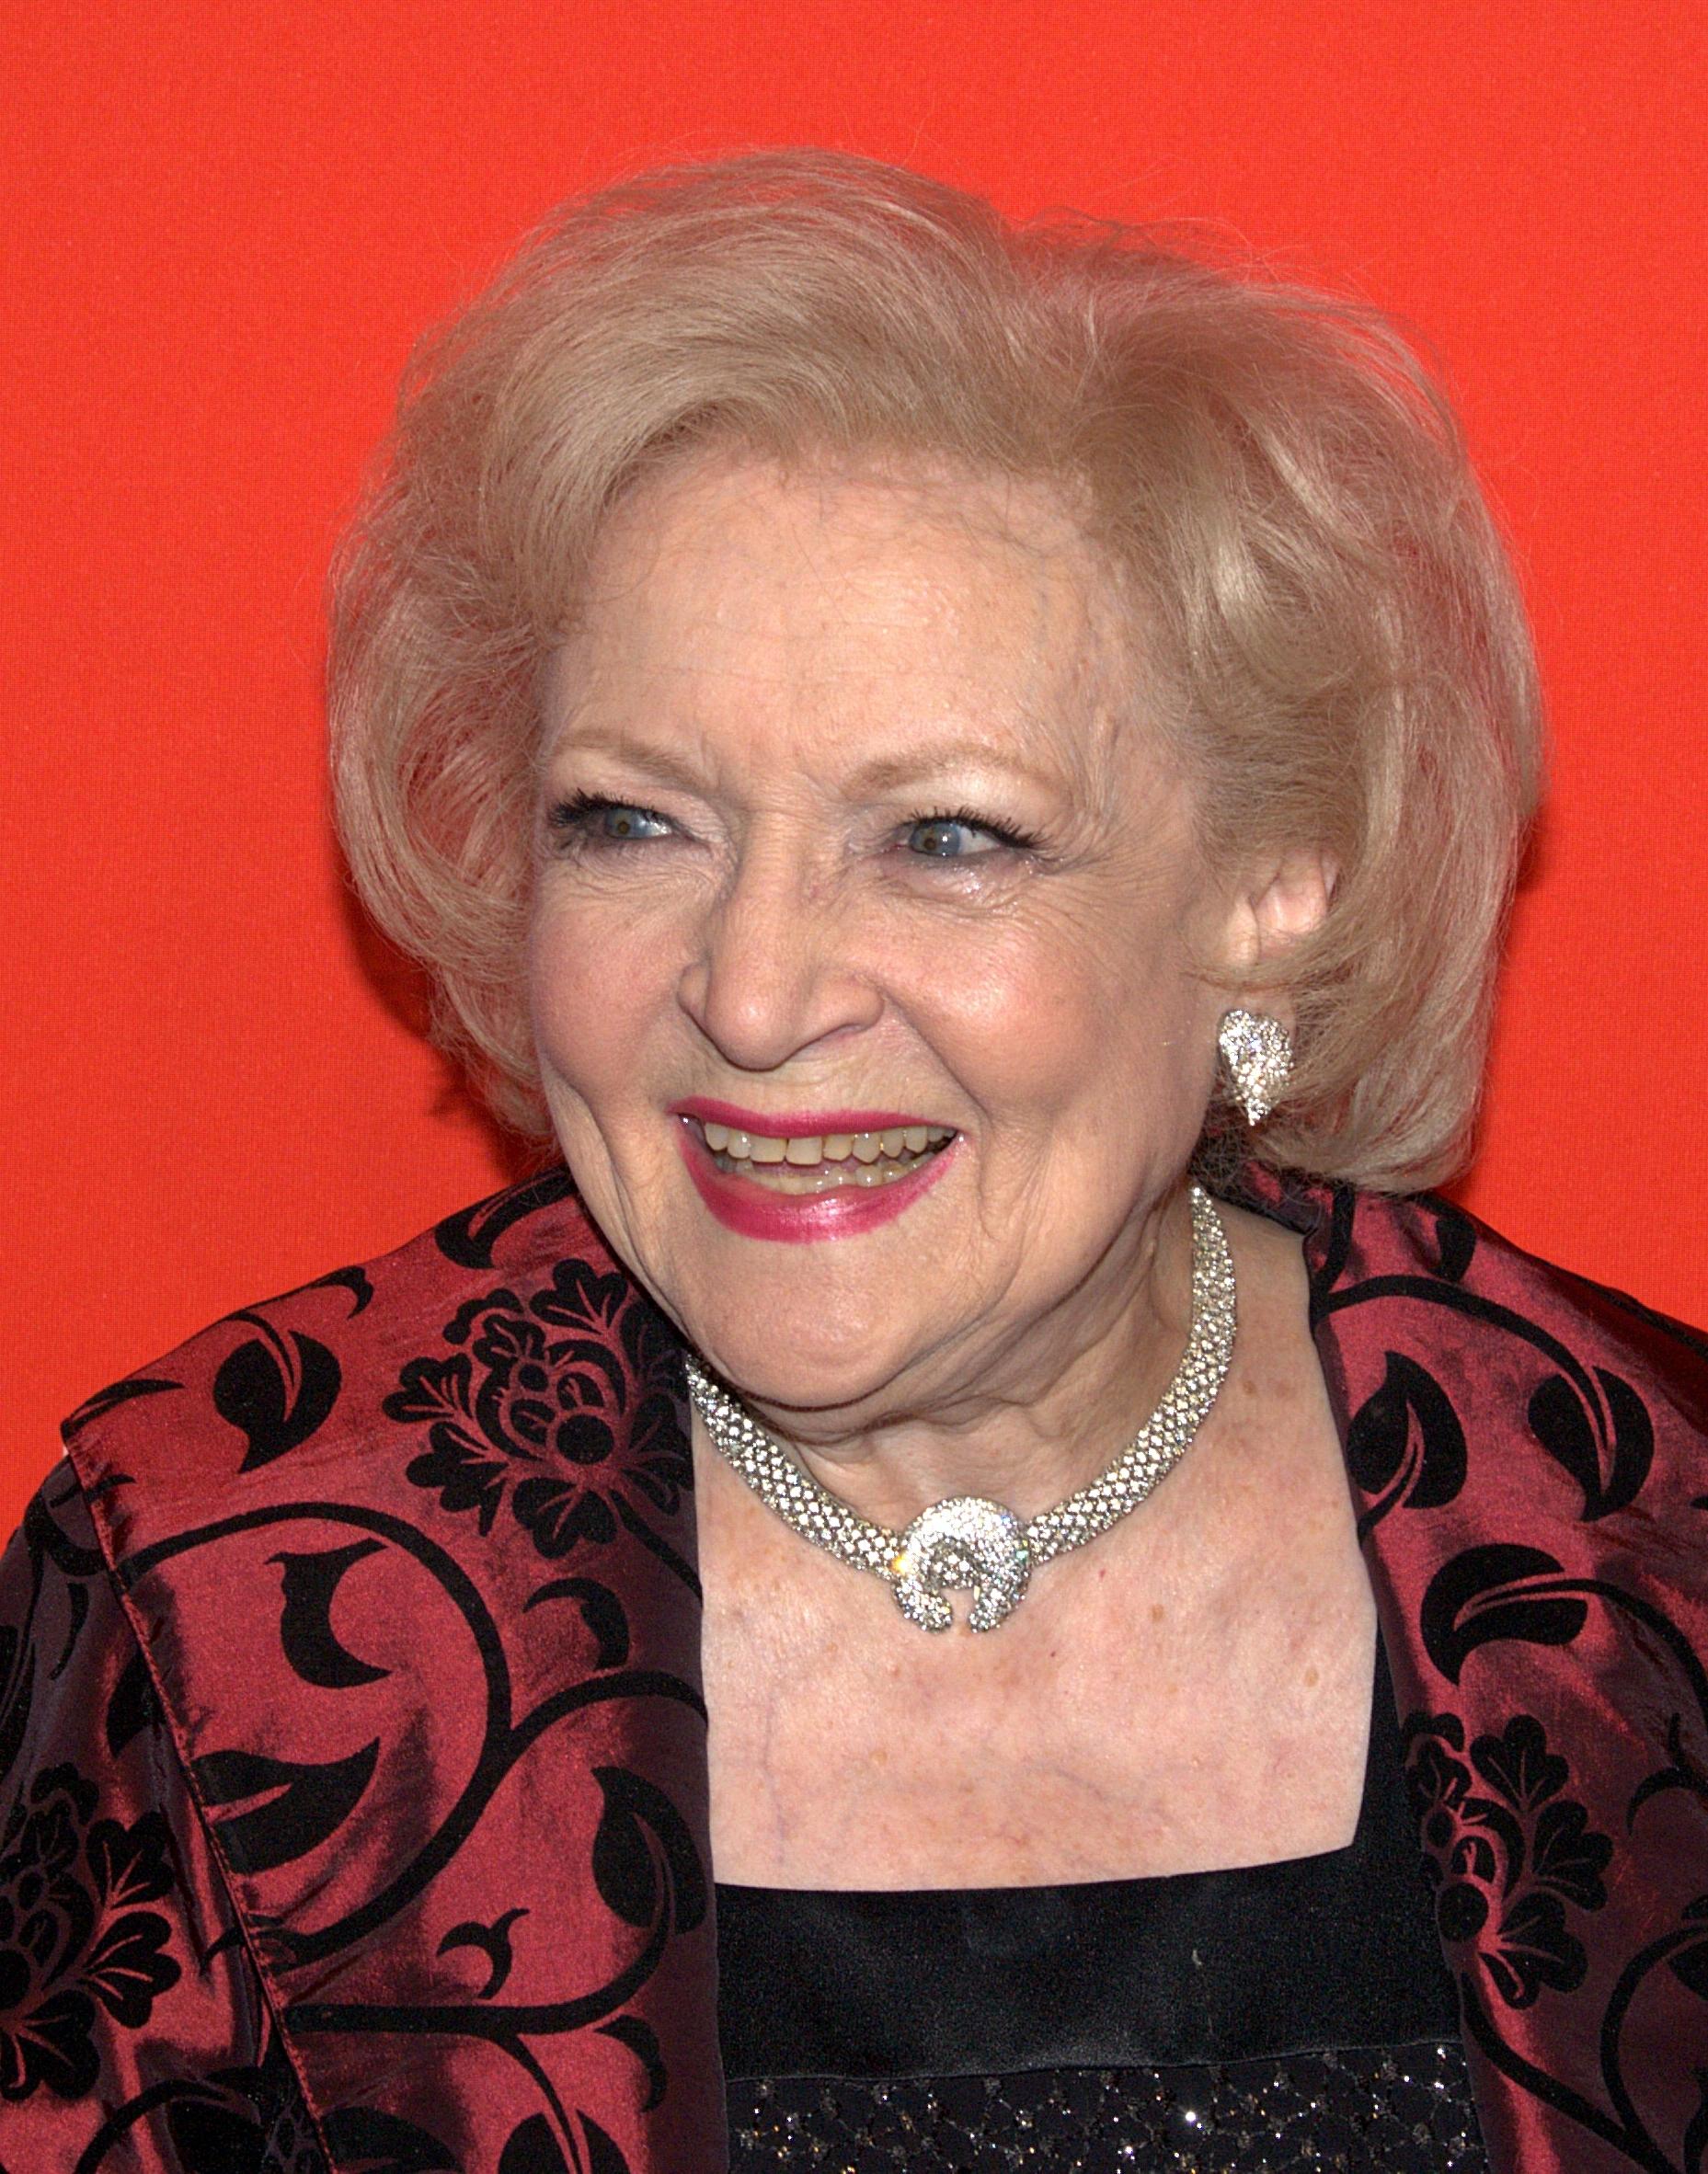 Betty White is (not) dead!